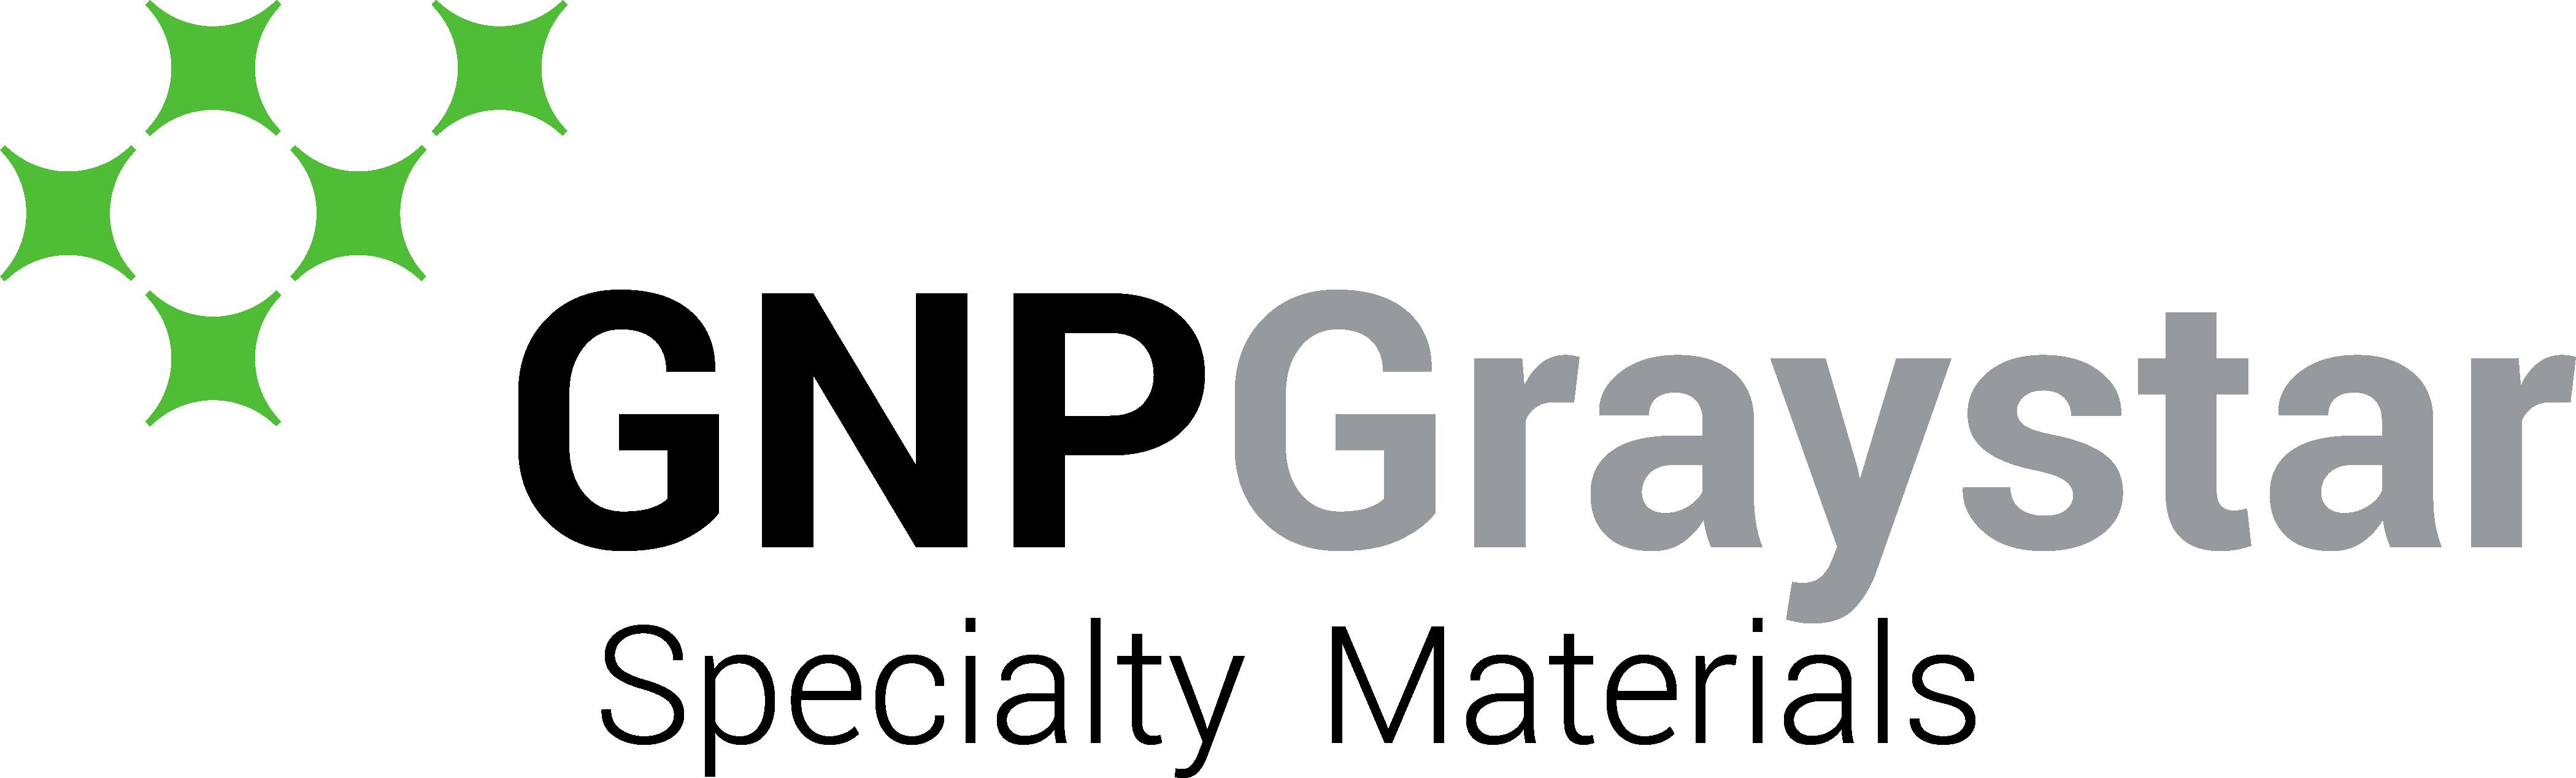 GNPGraystar Specialty Materials Logo